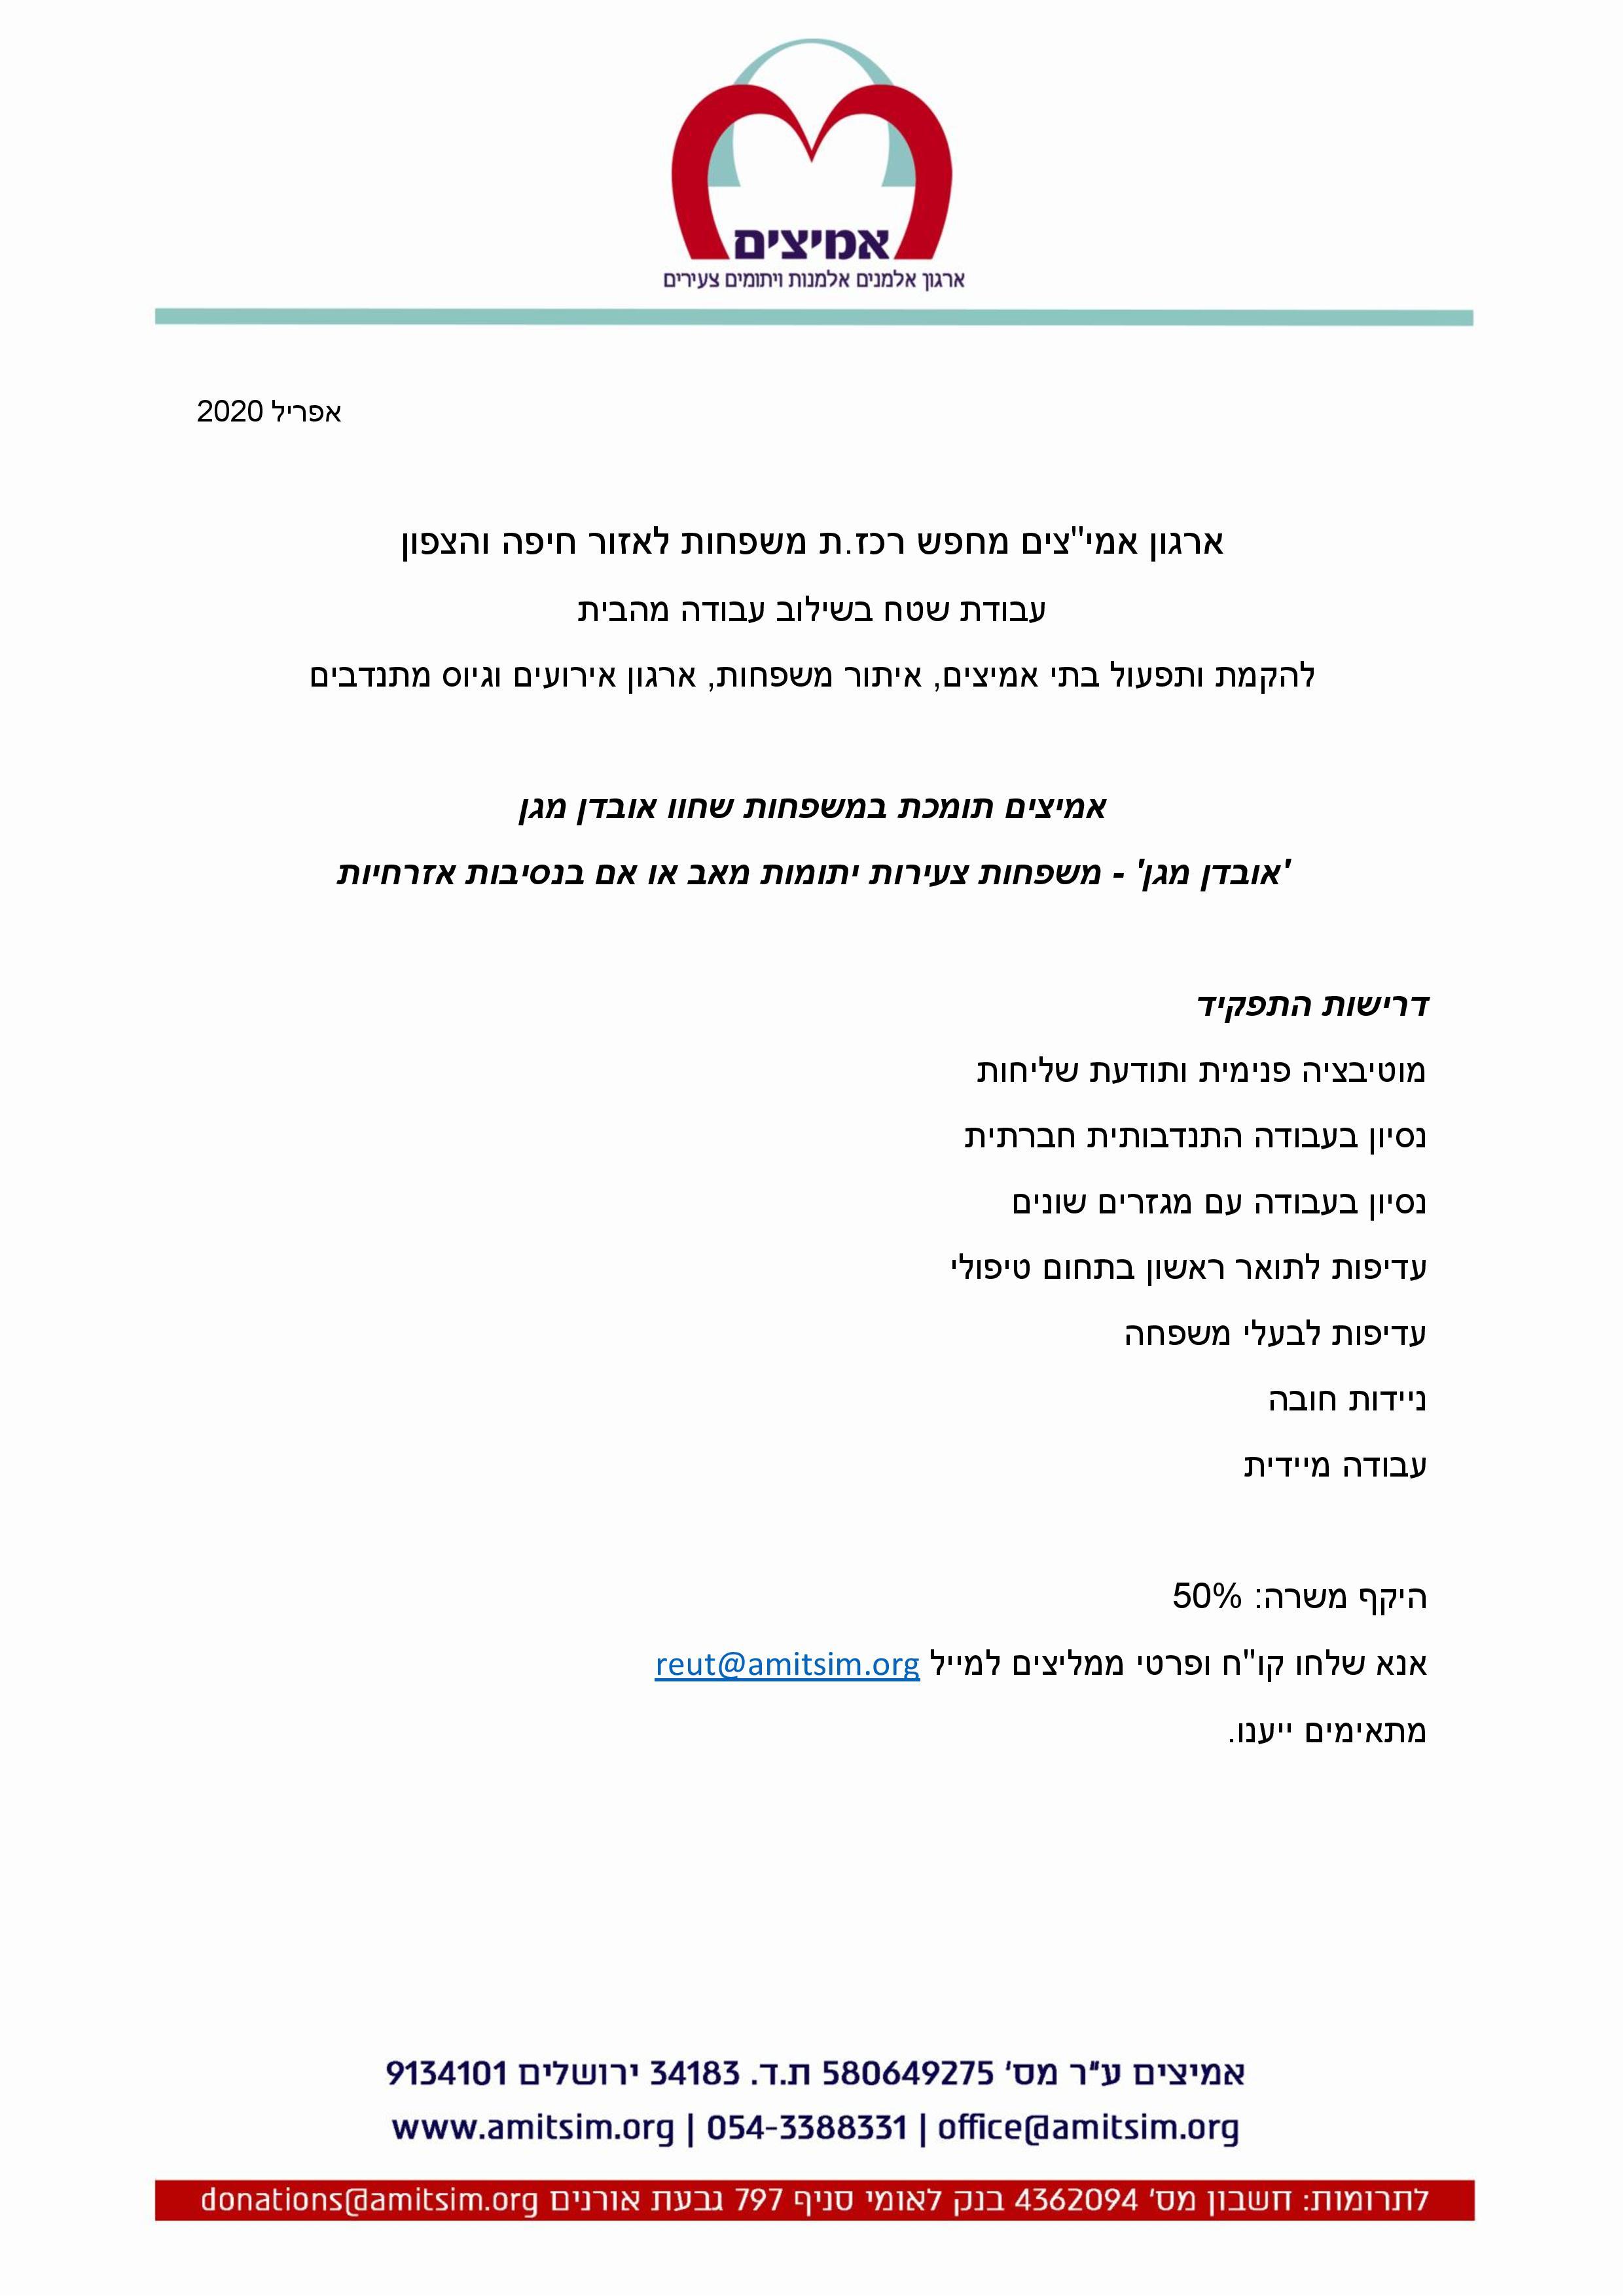 אזור חיפה והצפון